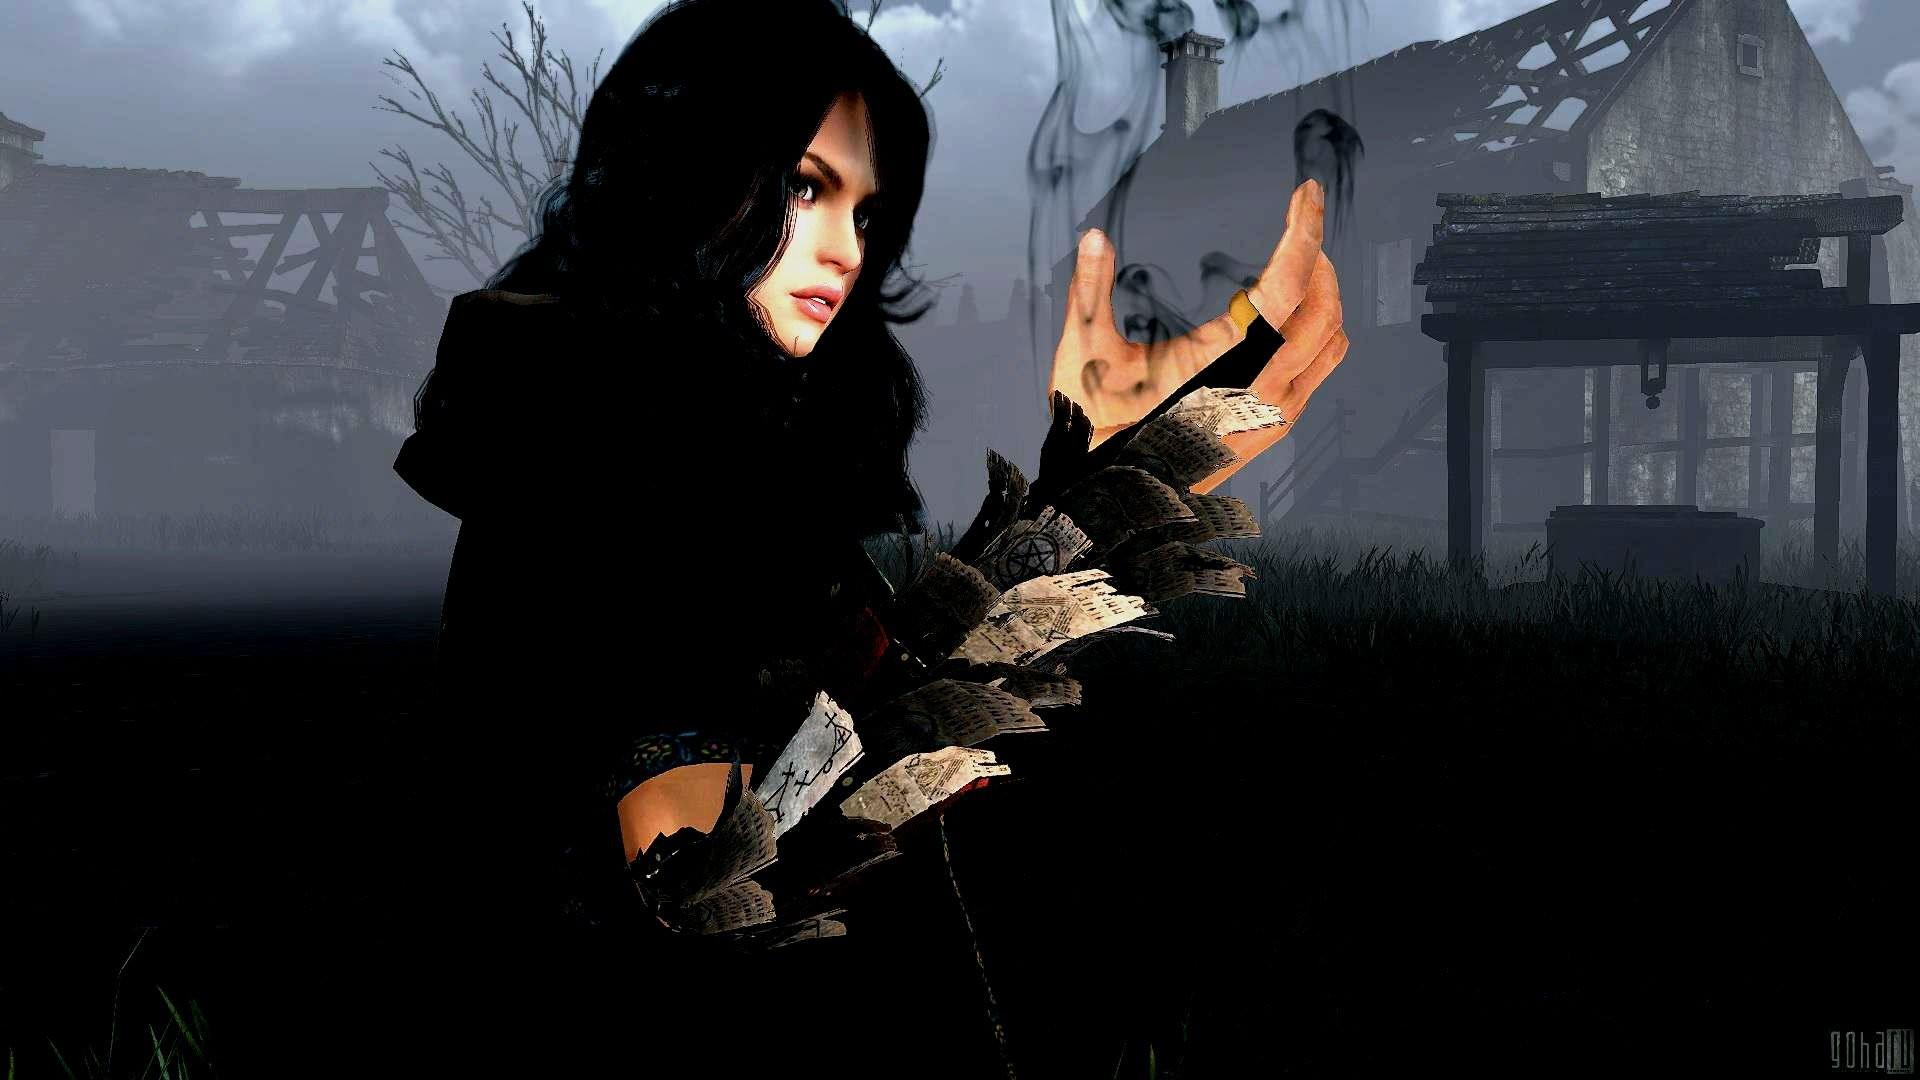 BLACK-DESERT online mmo rpg fantasy fighting action adventure black desert  (10) wallpaper | | 348683 | WallpaperUP